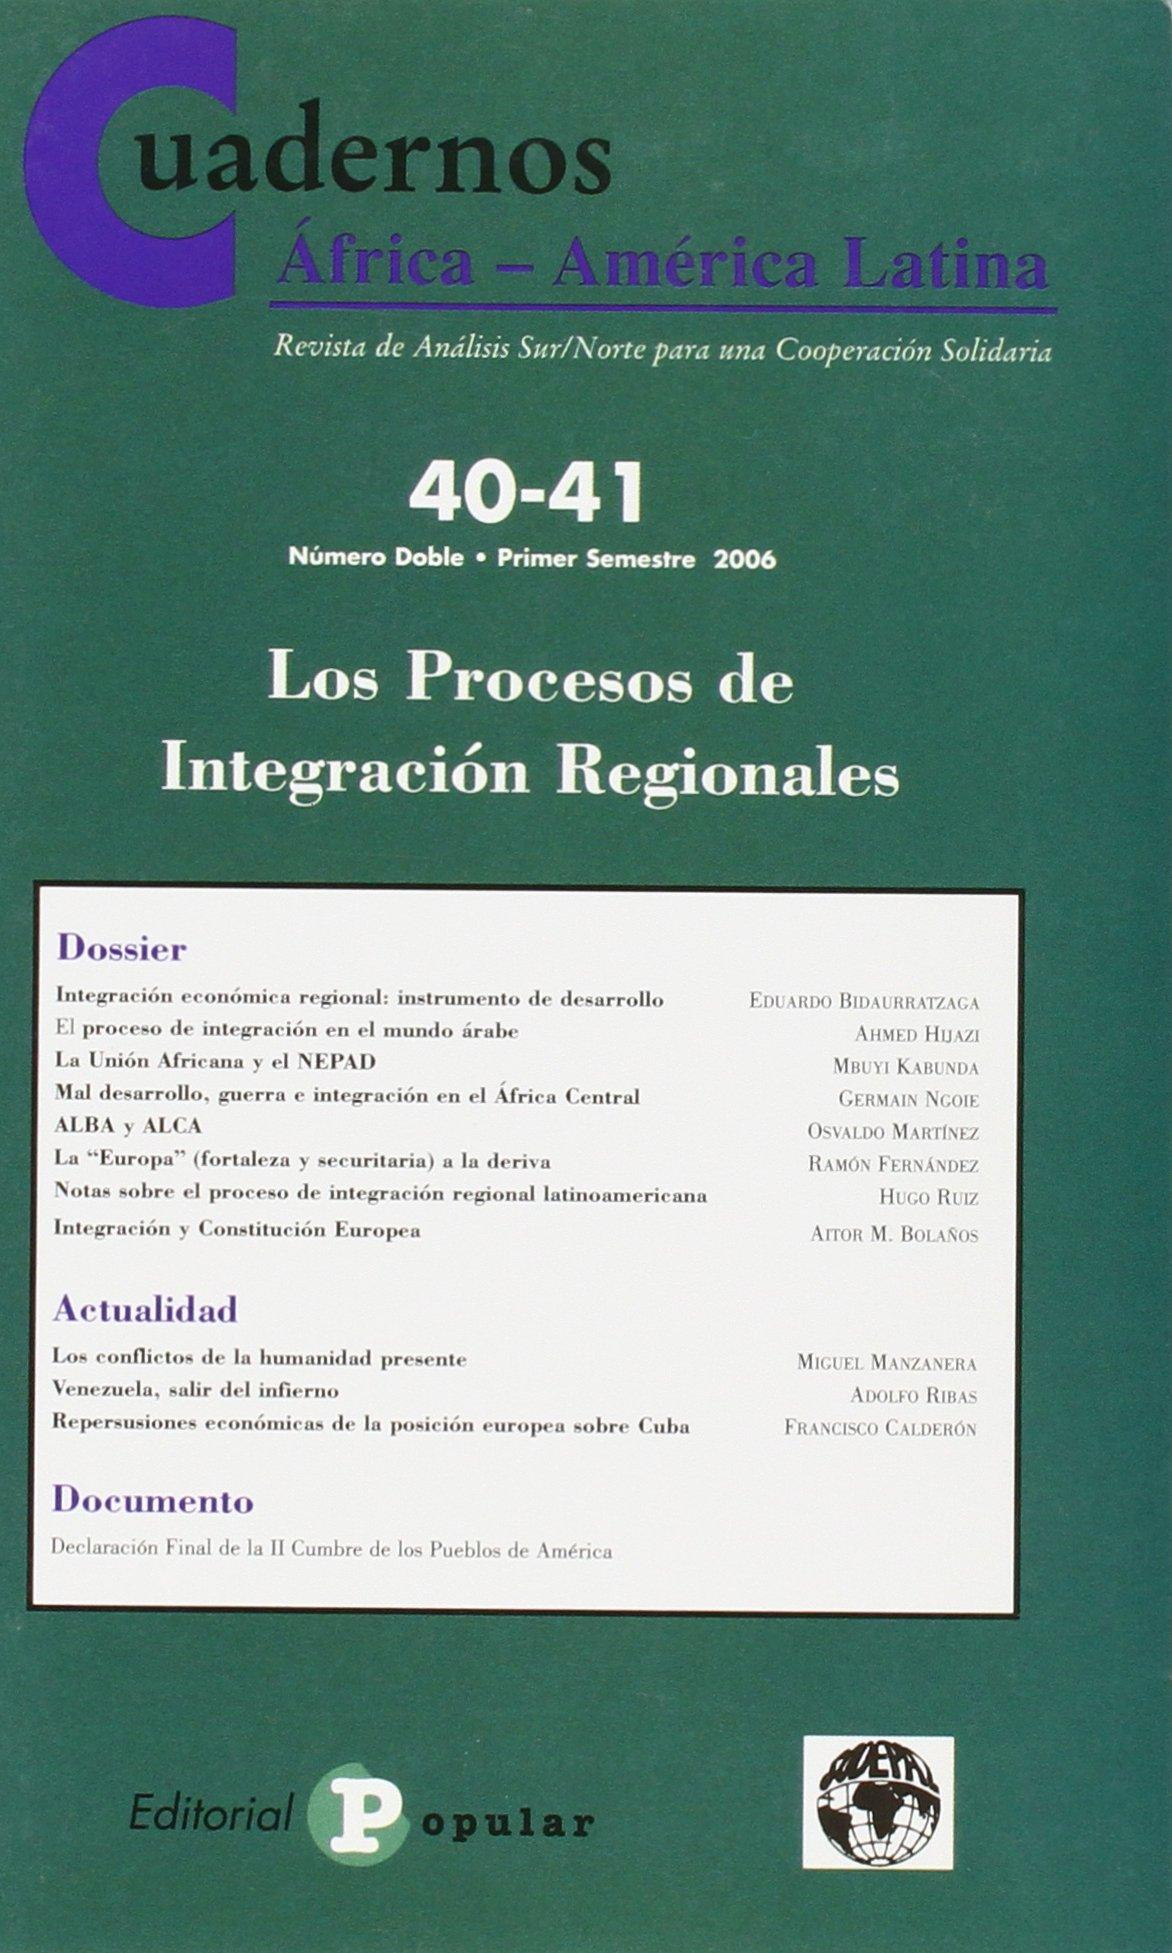 Read Online Numero 40-41/ Number 40-41: Los Procesos De Integracion Regionales/ the Process of Regional Integration (Cuadernos Africa-america Latina) (Spanish Edition) PDF